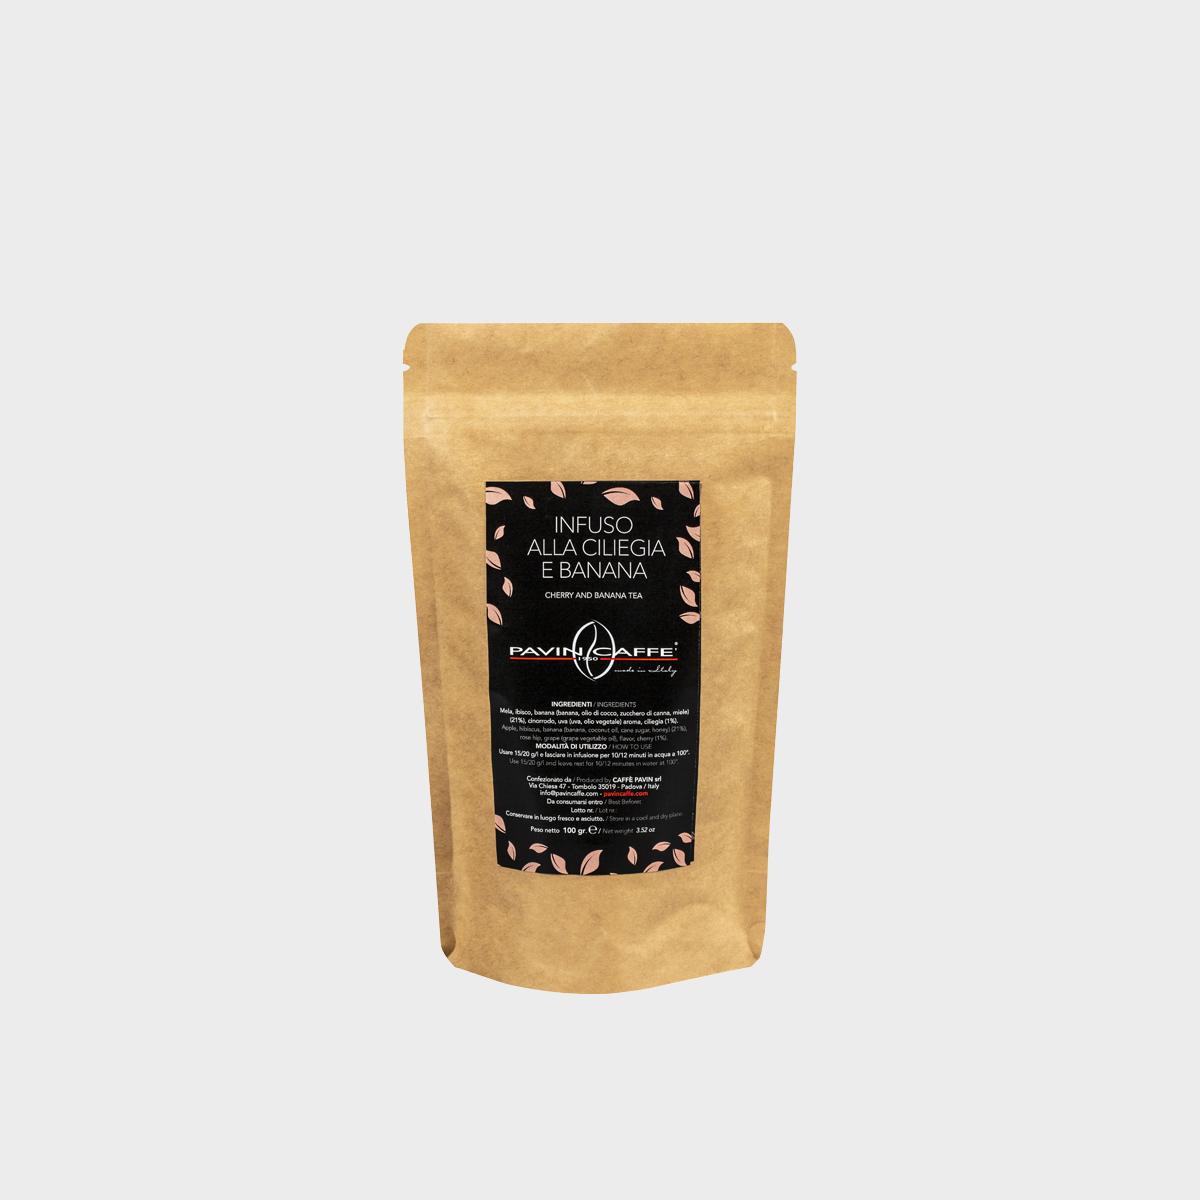 infuso-alla-ciliegia-e-banana-pavin-caffe